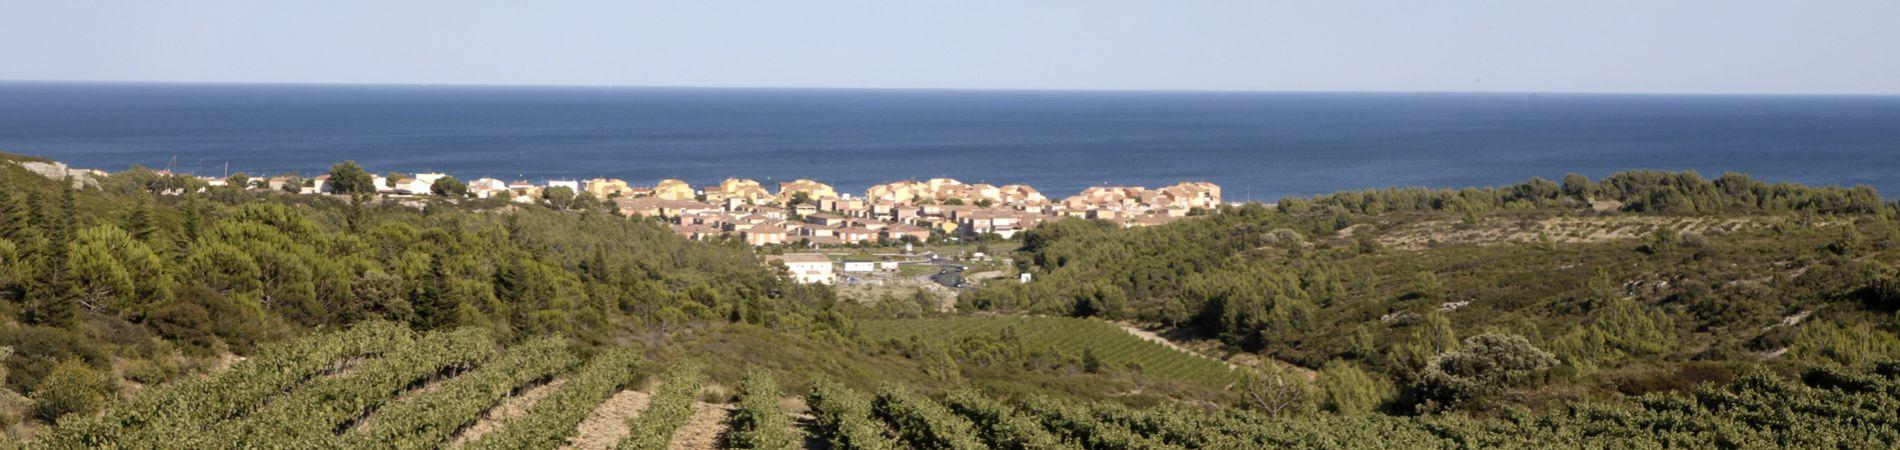 Les vignes de la région Languedoc-Roussillon